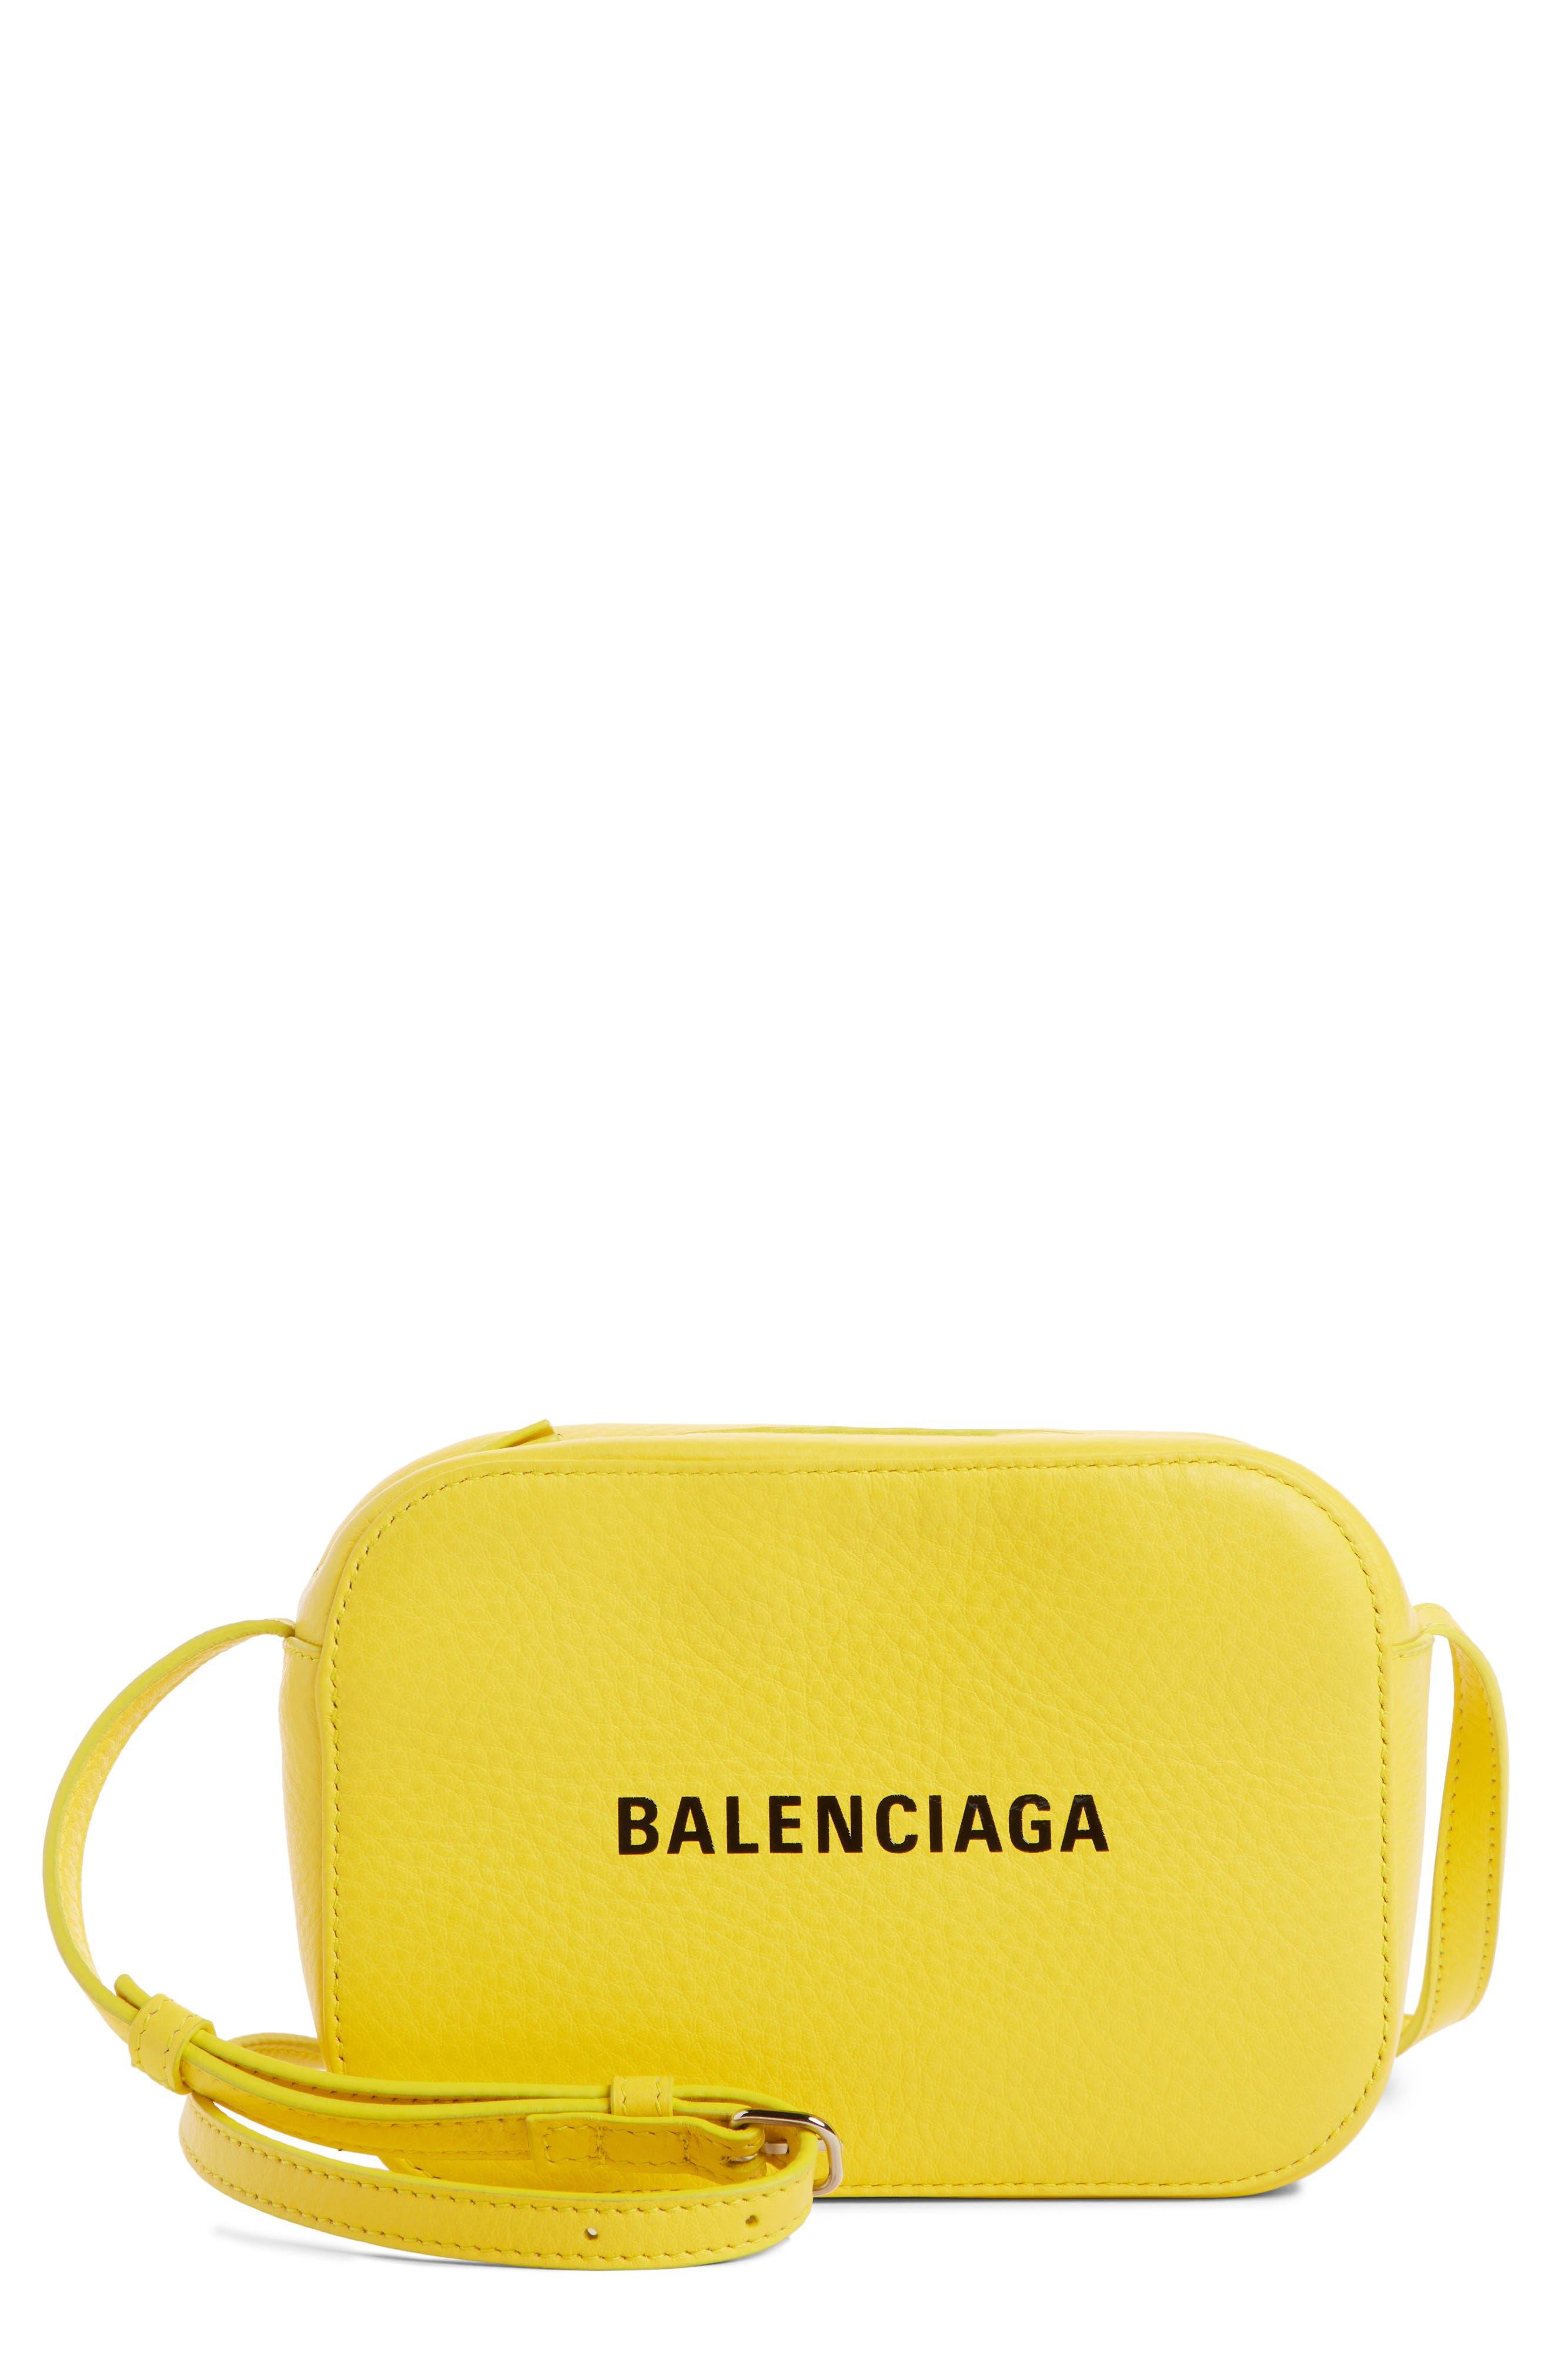 BALENCIAGA Extra Small Everyday Calfskin Camera Bag, Main, color, JAUNE SOLEIL/ NOIR